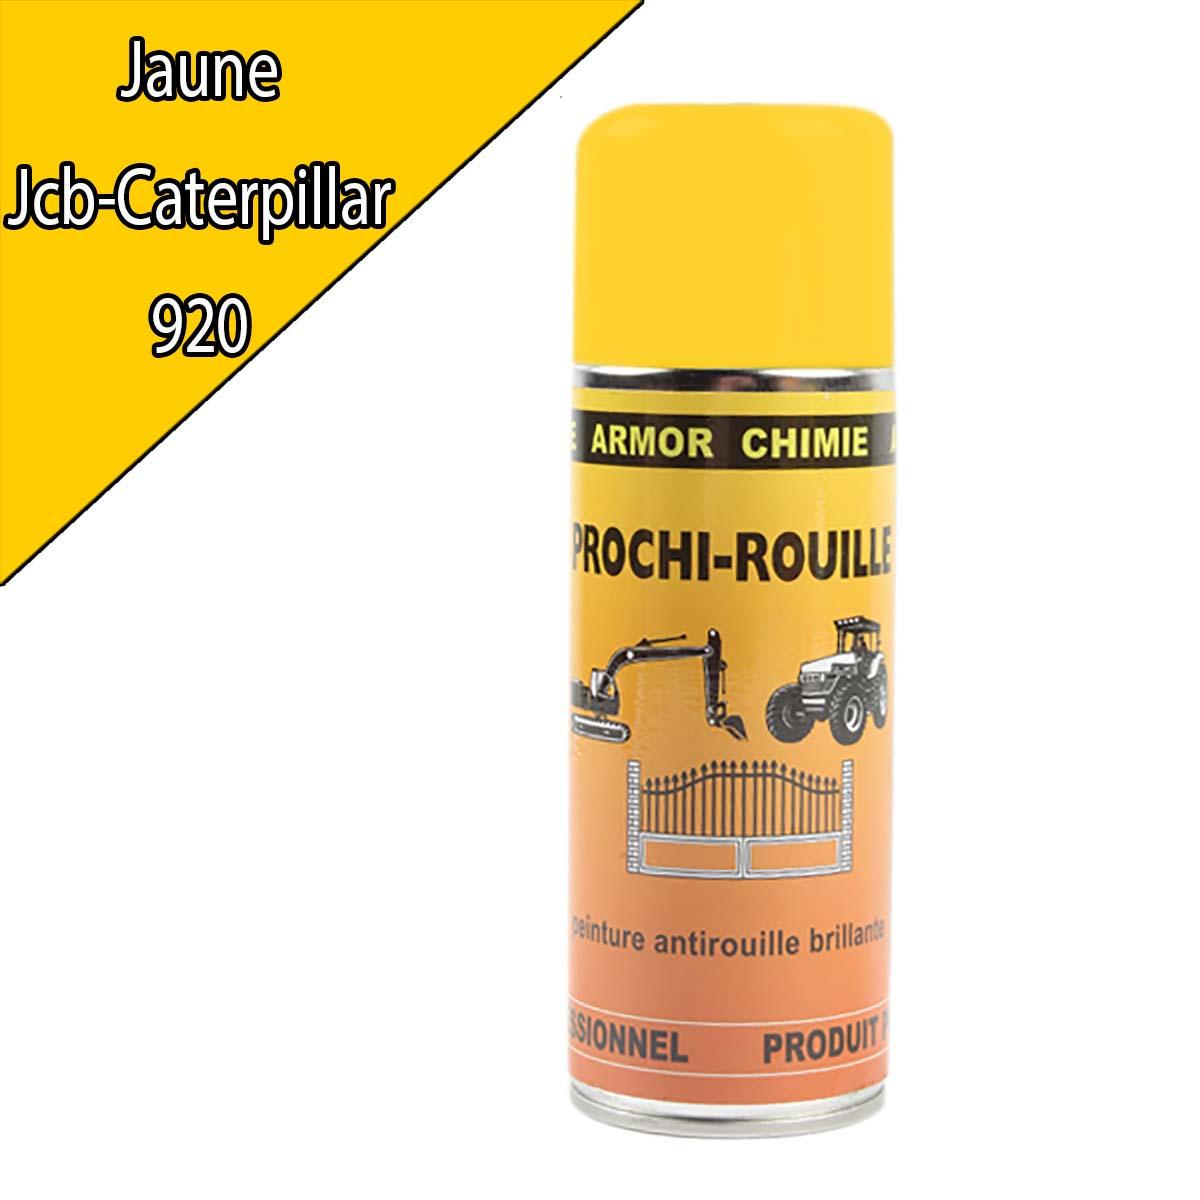 Peinture agricole PROCHI- ROUILLE brillante, jaune, 920, CATERPILLAR, Aérosol 400ml